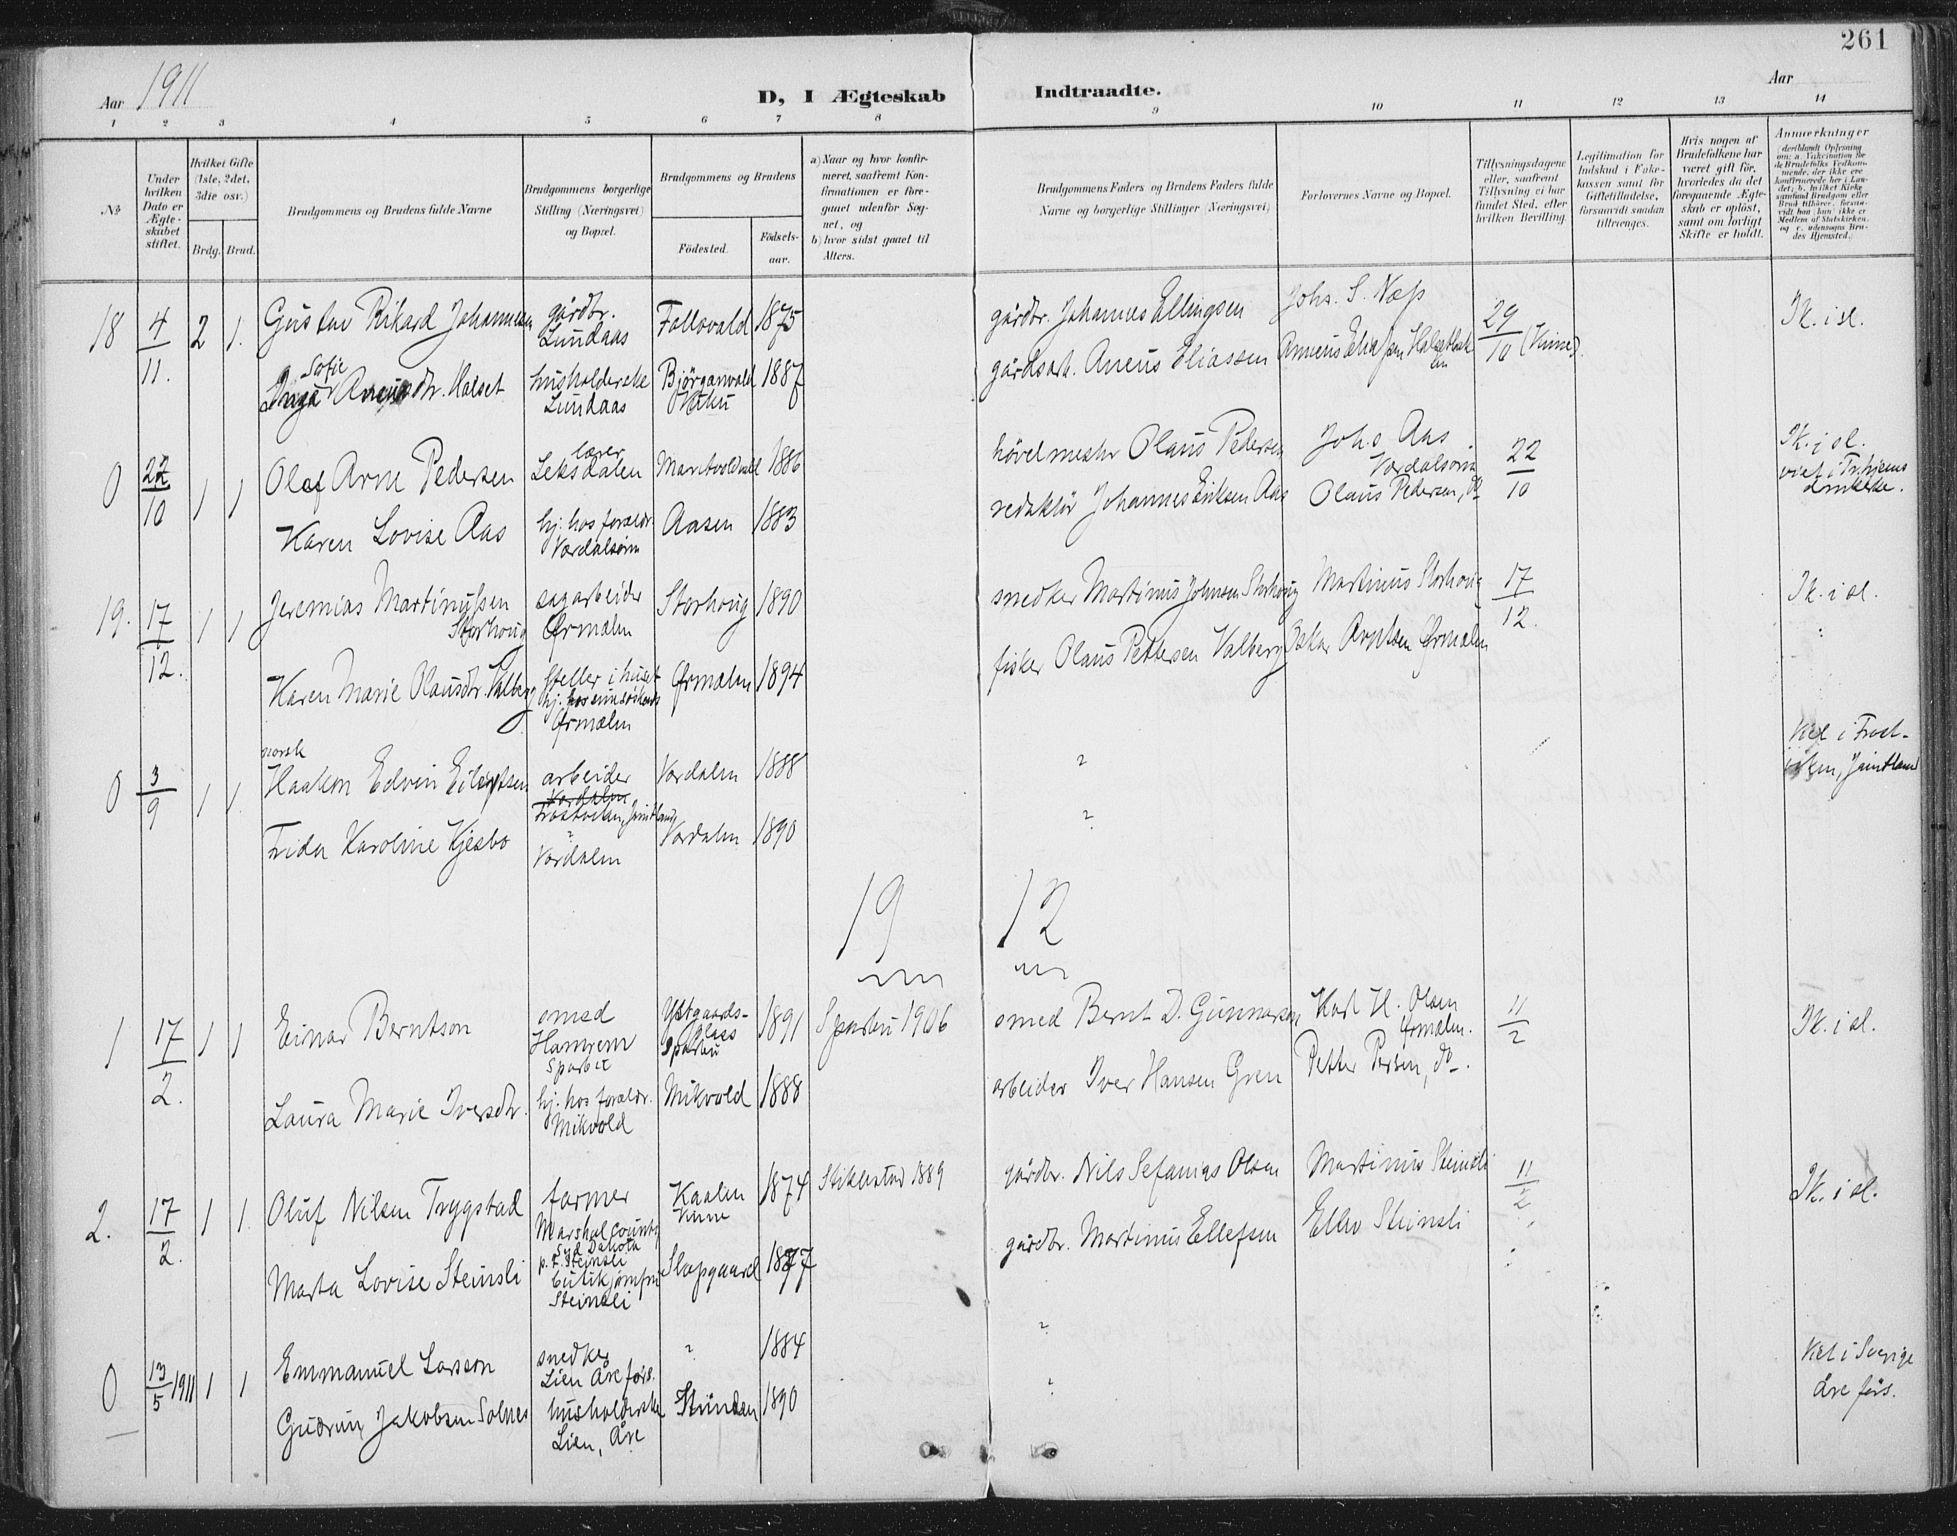 SAT, Ministerialprotokoller, klokkerbøker og fødselsregistre - Nord-Trøndelag, 723/L0246: Ministerialbok nr. 723A15, 1900-1917, s. 261